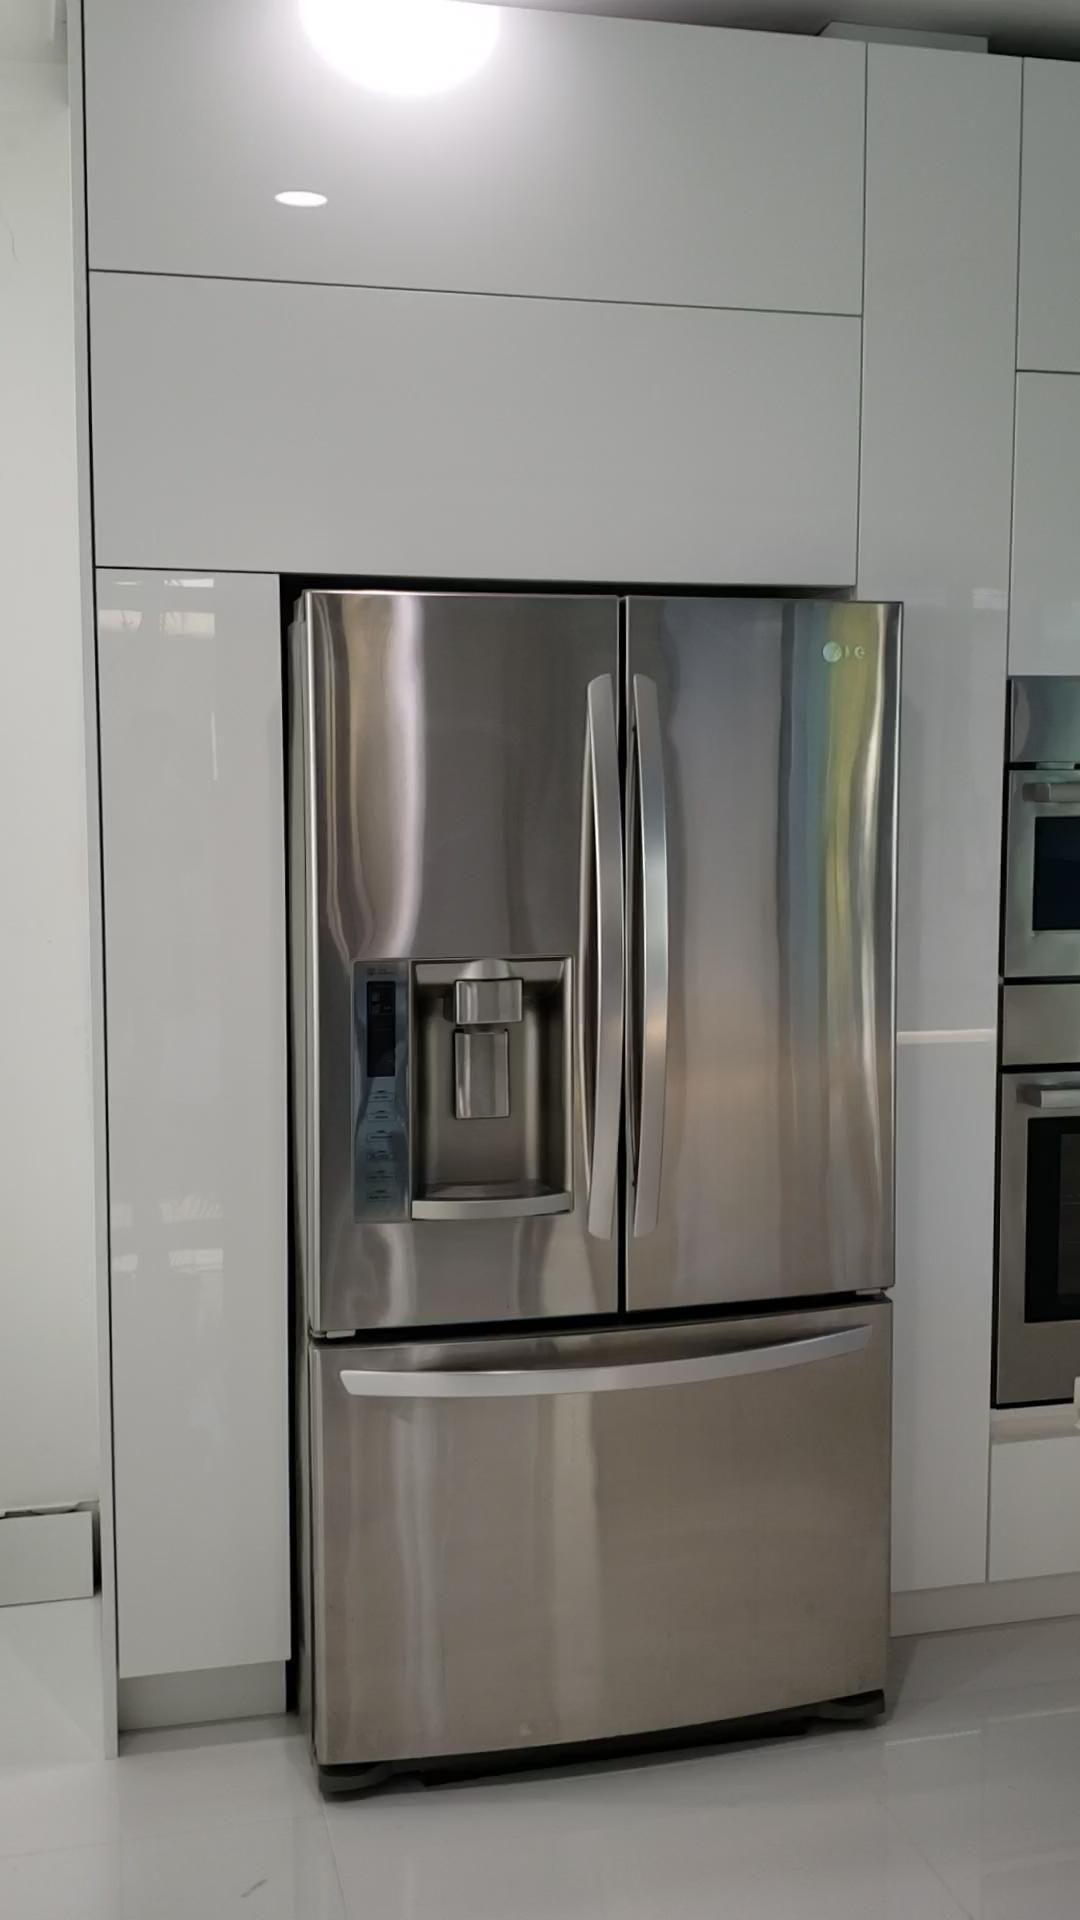 Italian Kitchen Style Video Em 2020 Interior De Cozinha Cozinhas Modernas Design De Cozinha